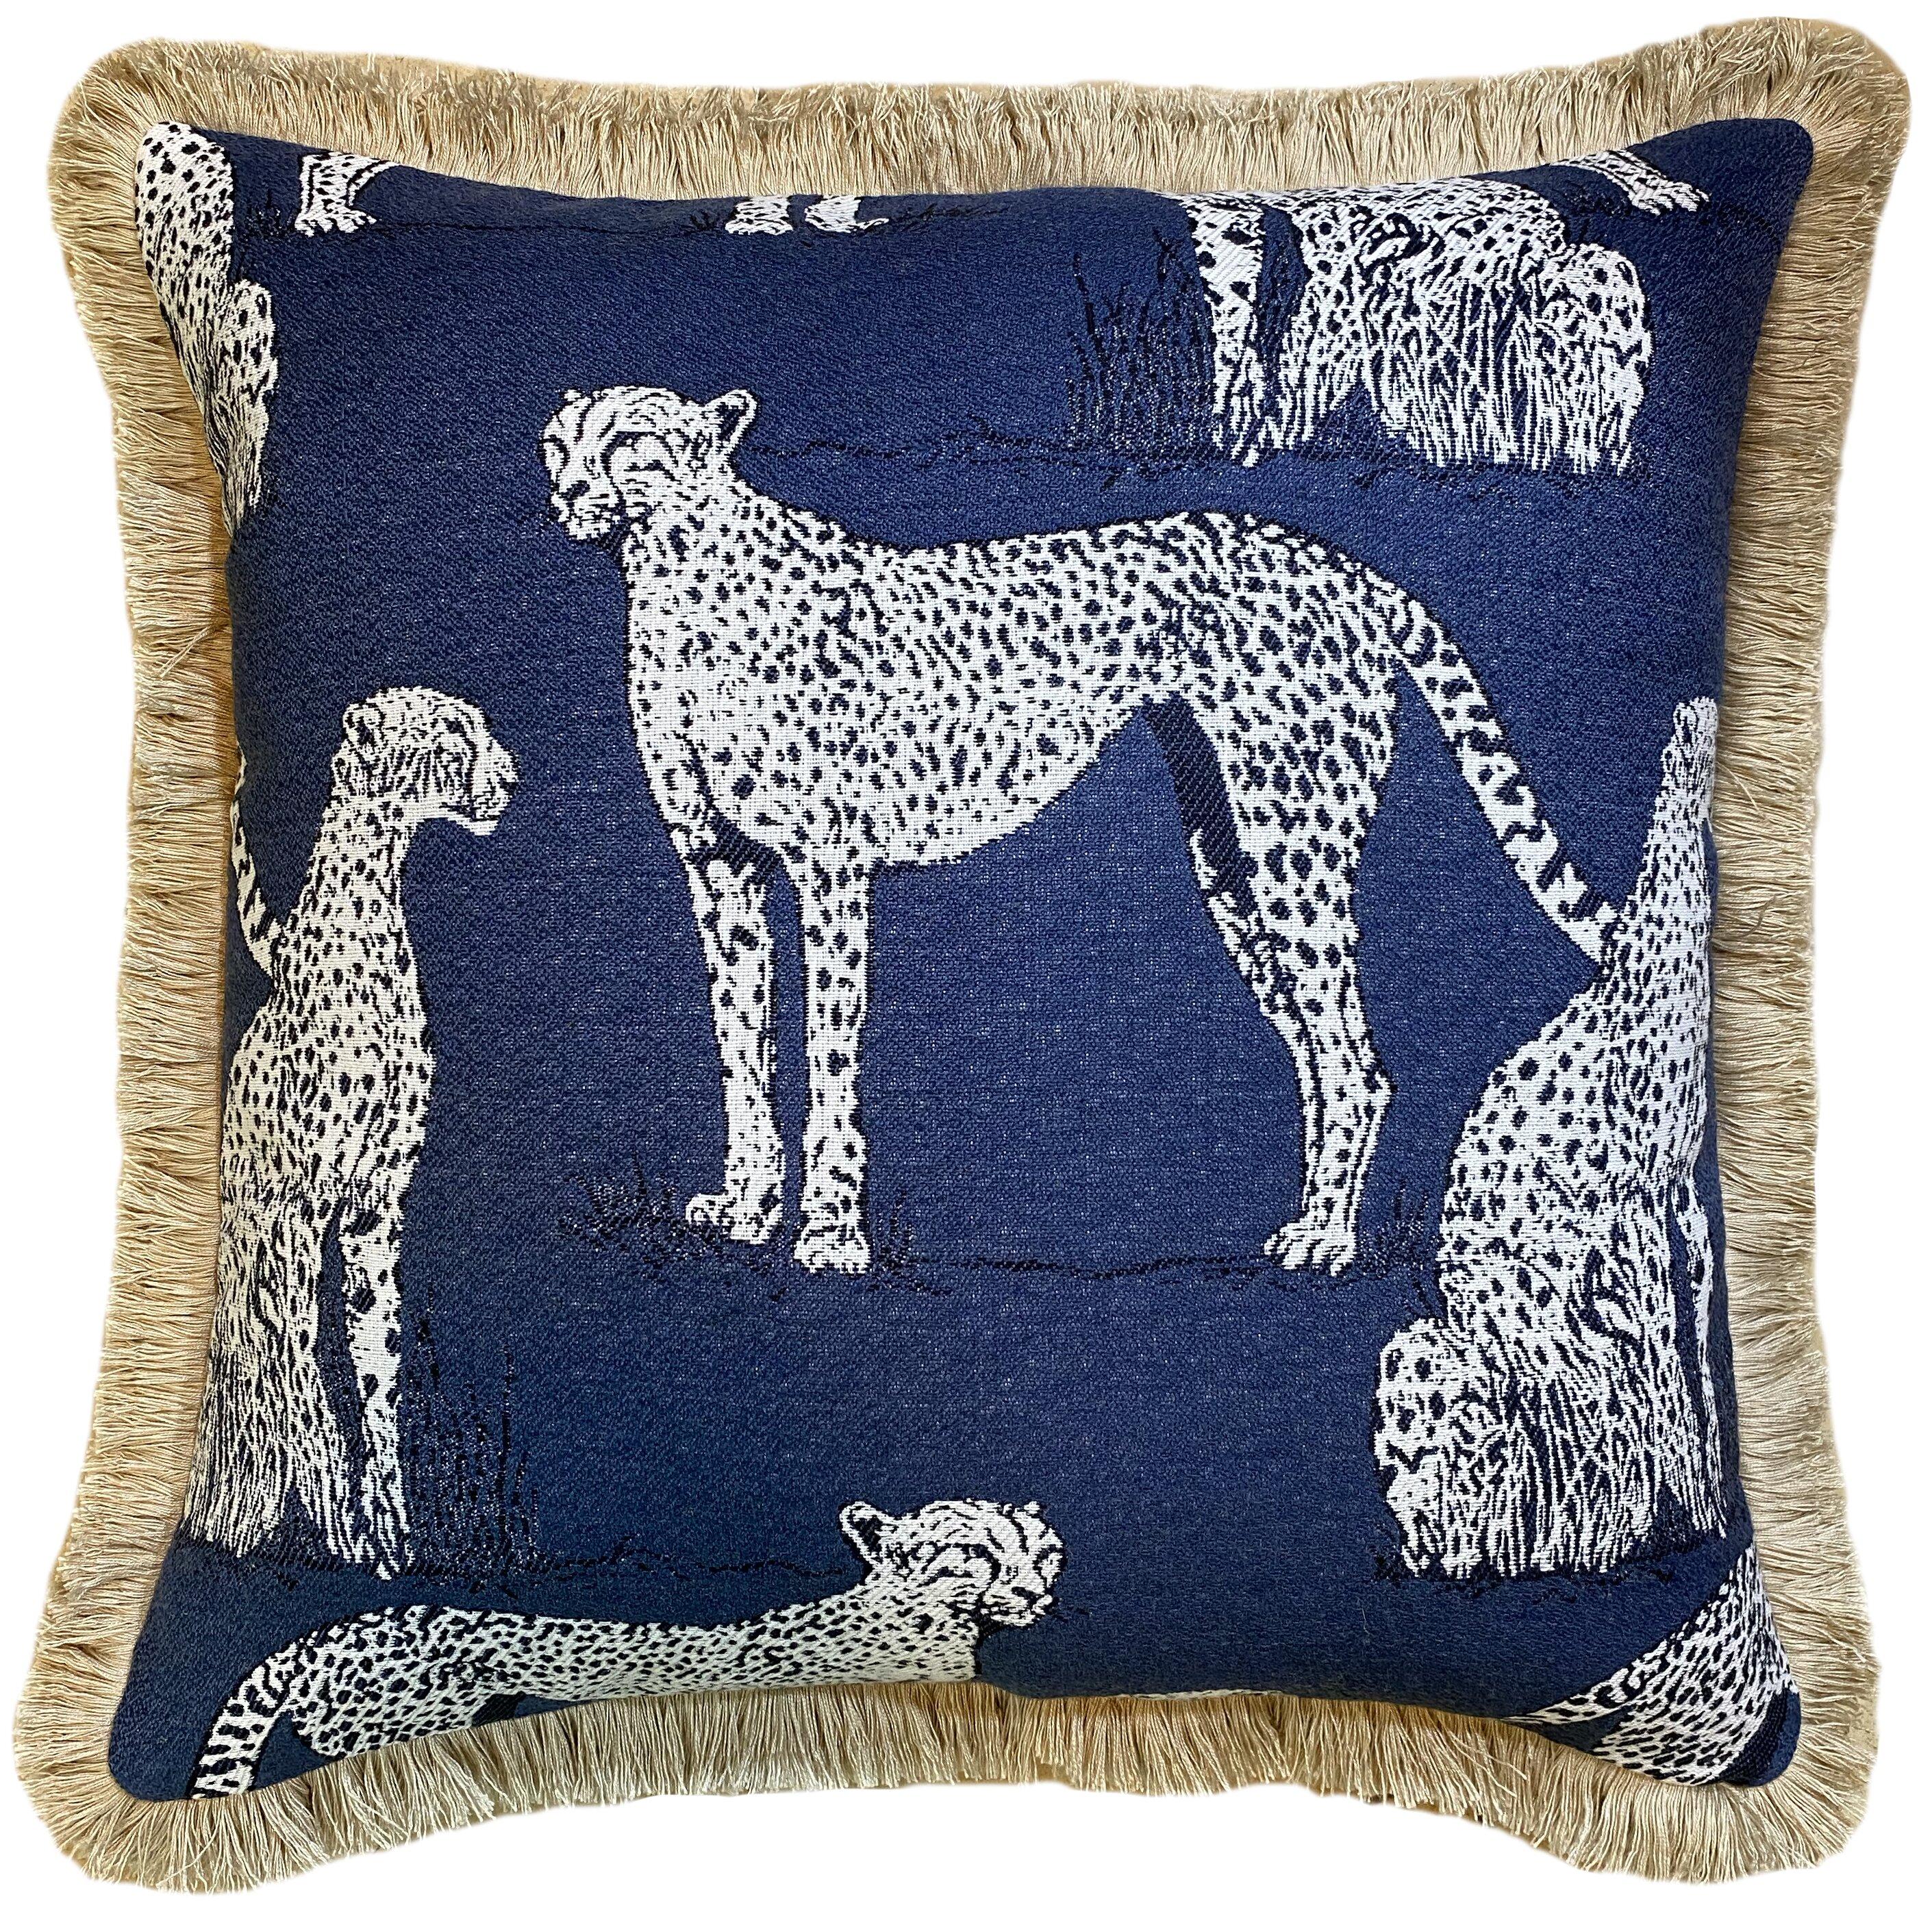 The Fabric Shoppe Savanna Cat Indigo Sunbrella Indoor Outdoor Throw Pillow Perigold